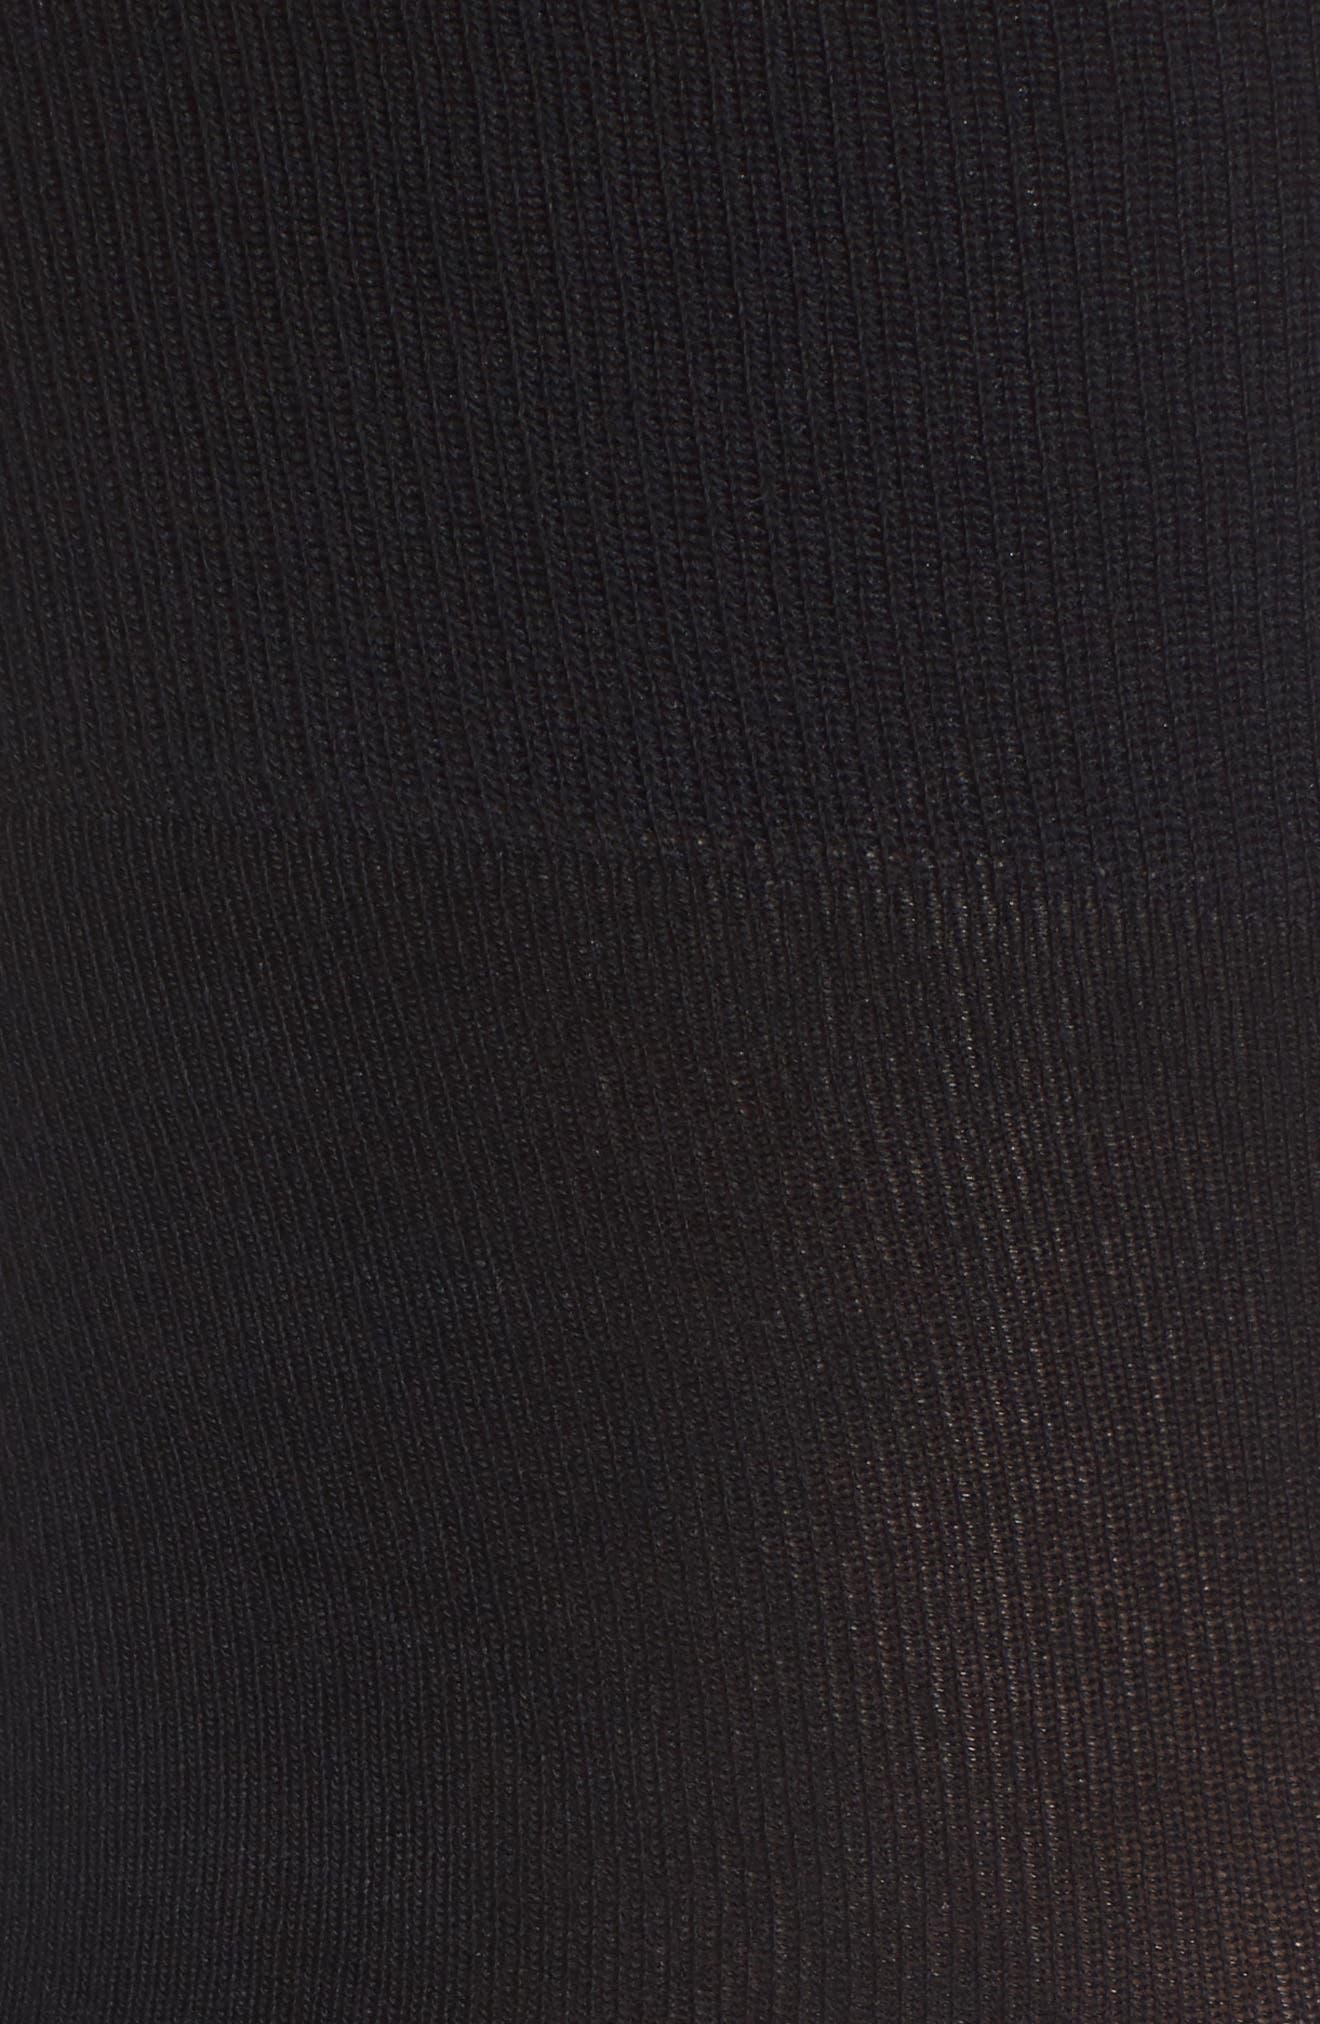 Alternate Image 2  - Nordstrom Over the Knee Socks